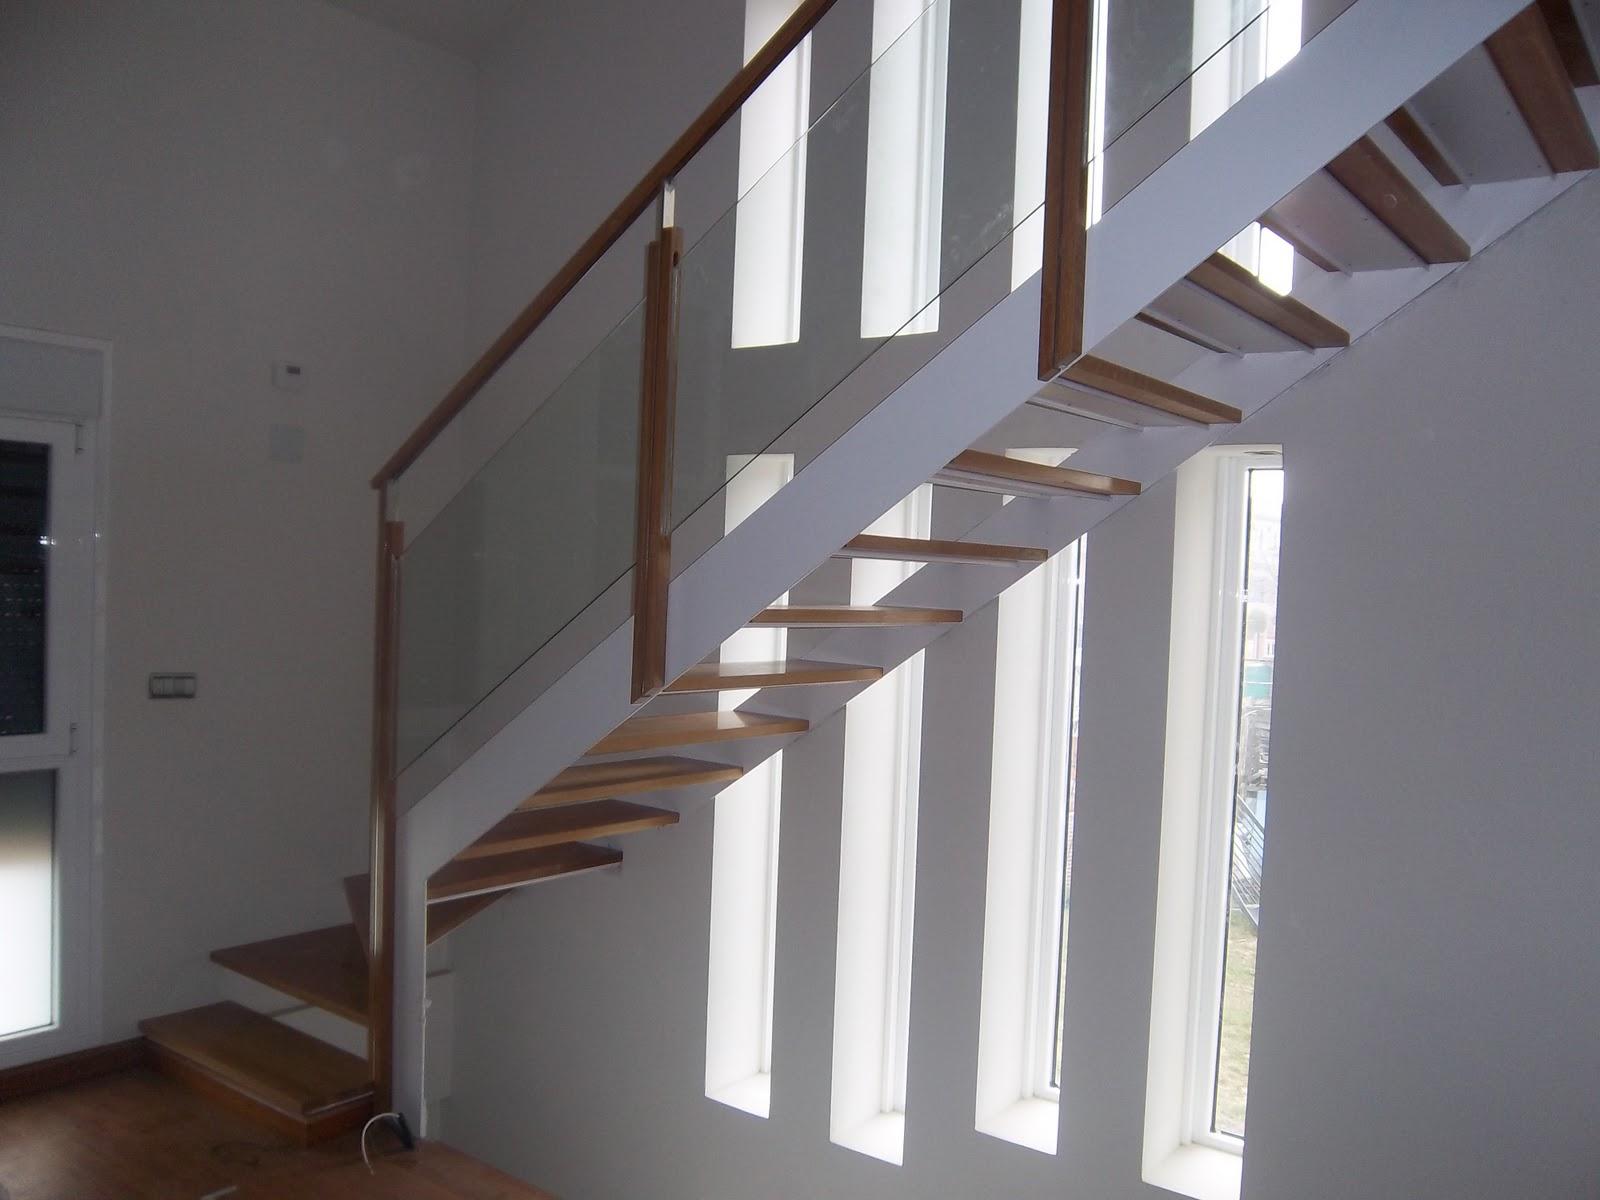 Norbel carpinteria met lica y acero inoxidable escalera - Escaleras de cristal y madera ...